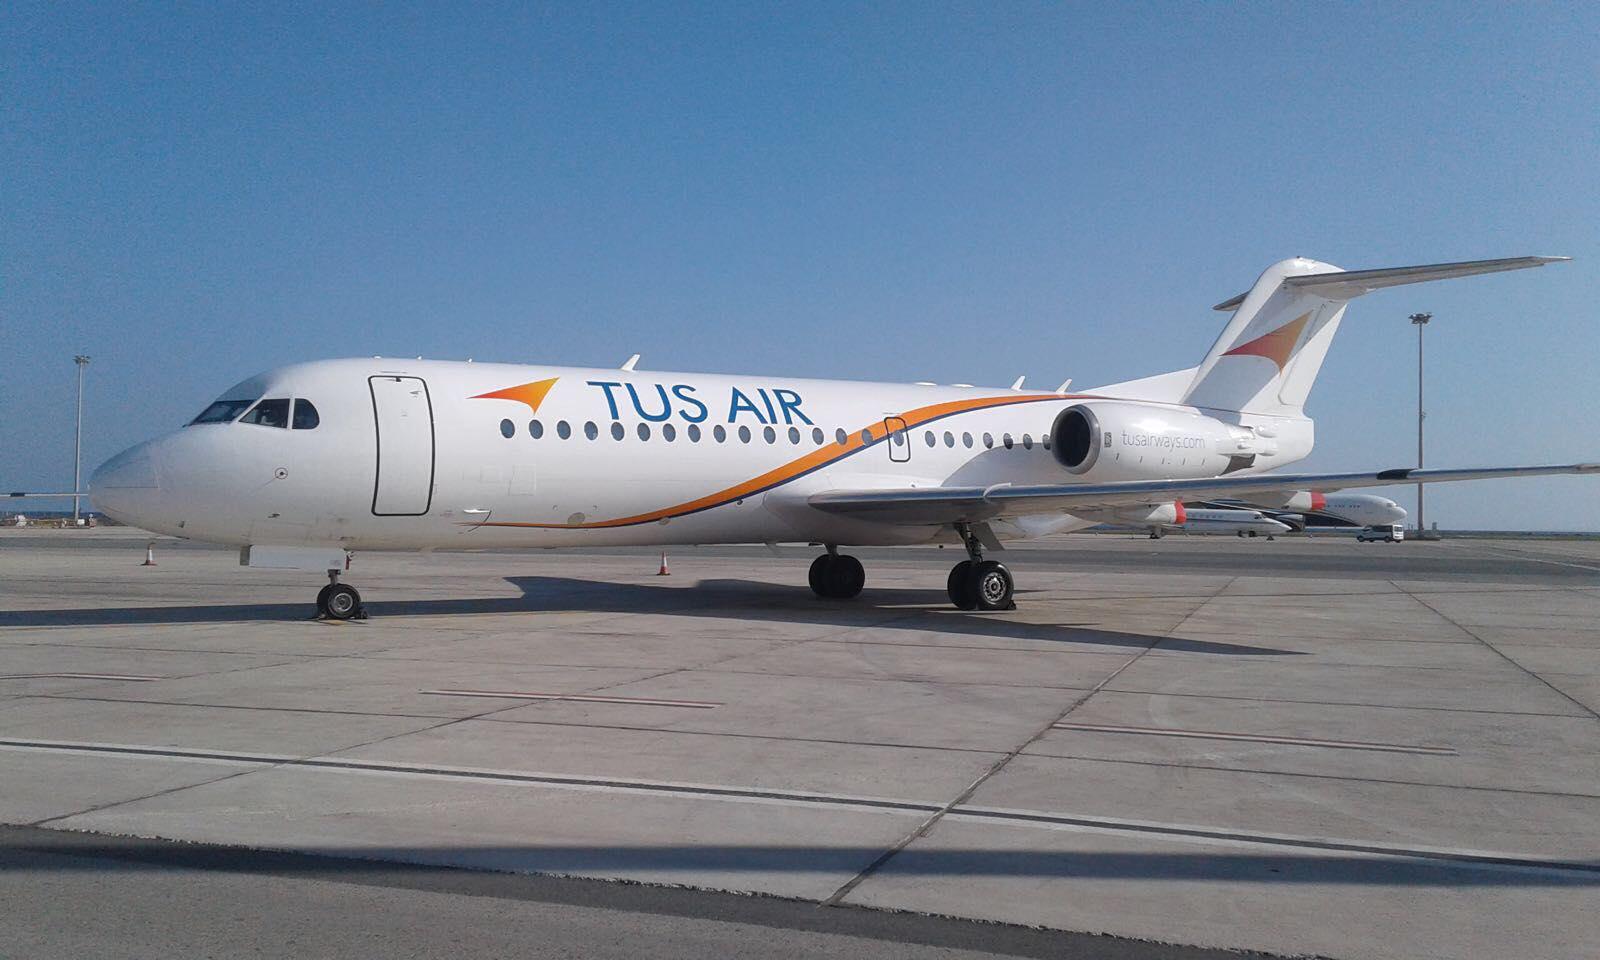 מטוס של חברת Tus (צילום: דוברות חברת Tus Airways)